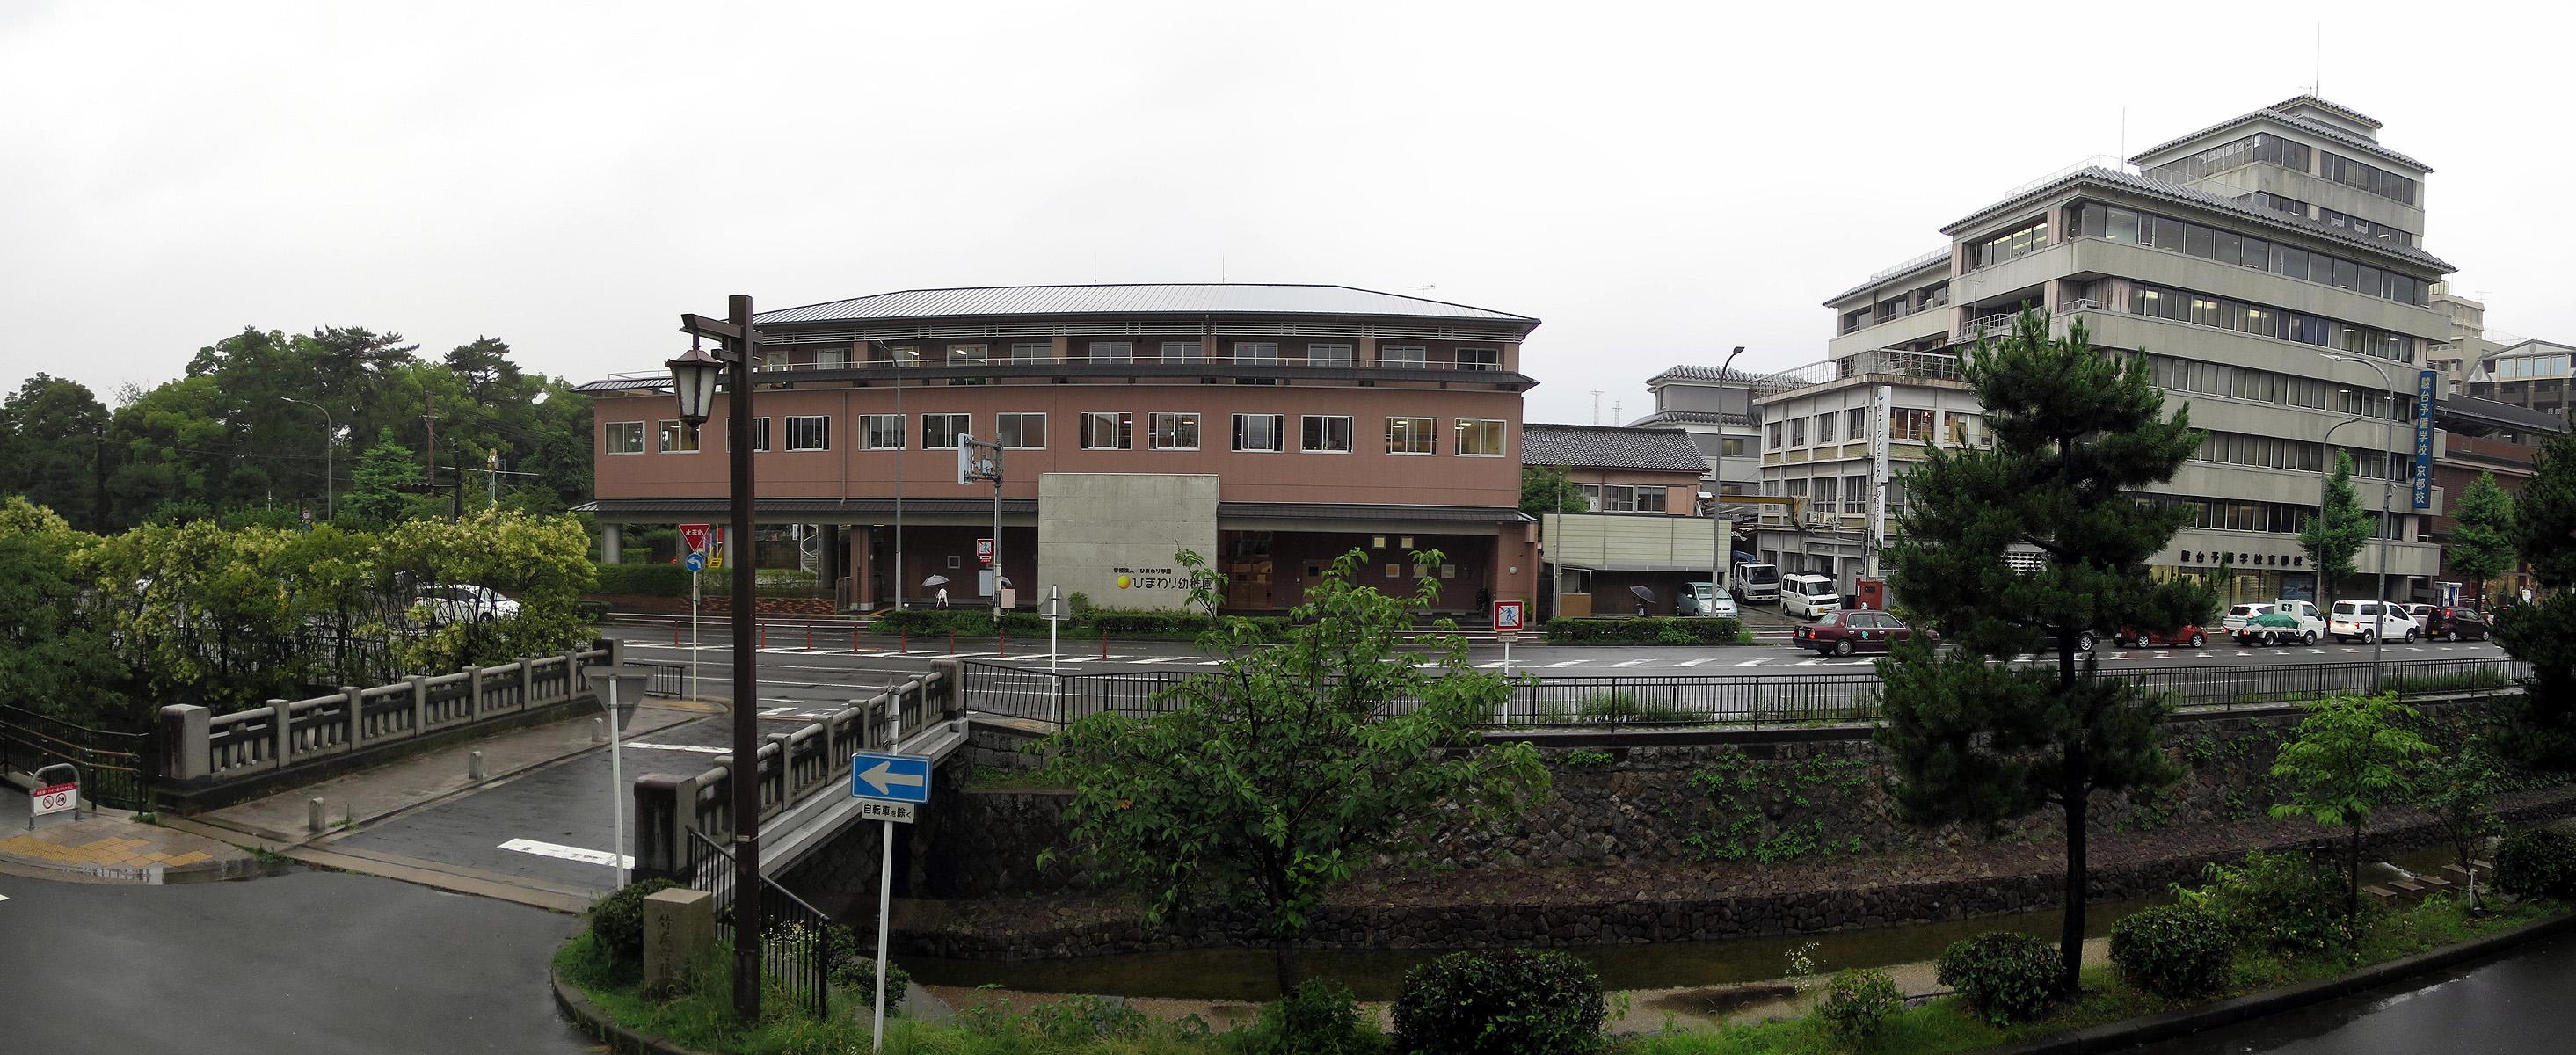 2015_0626 雨の堀川通